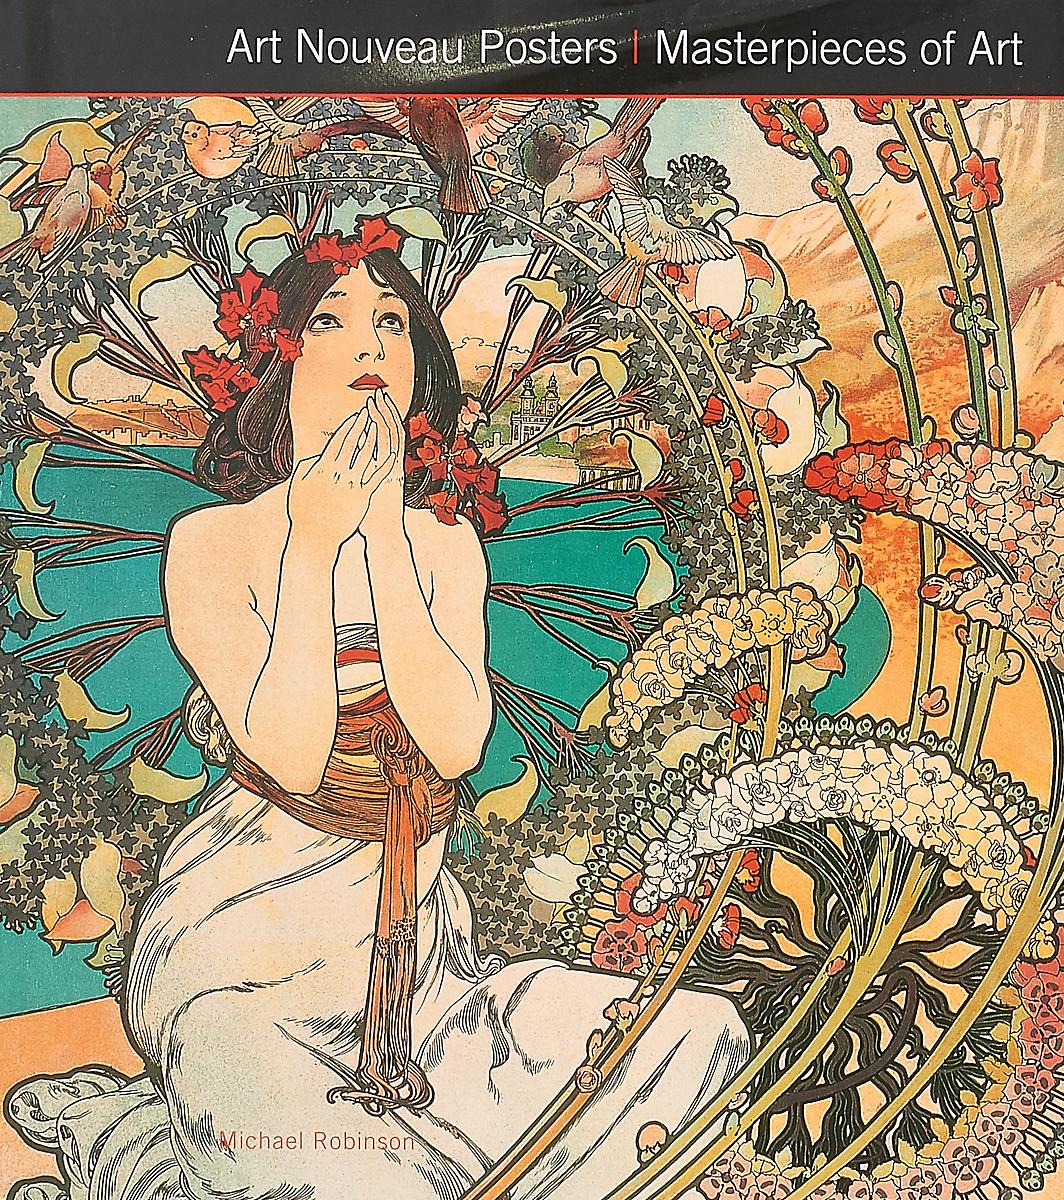 Art Nouveau Posters jean lahor art nouveau